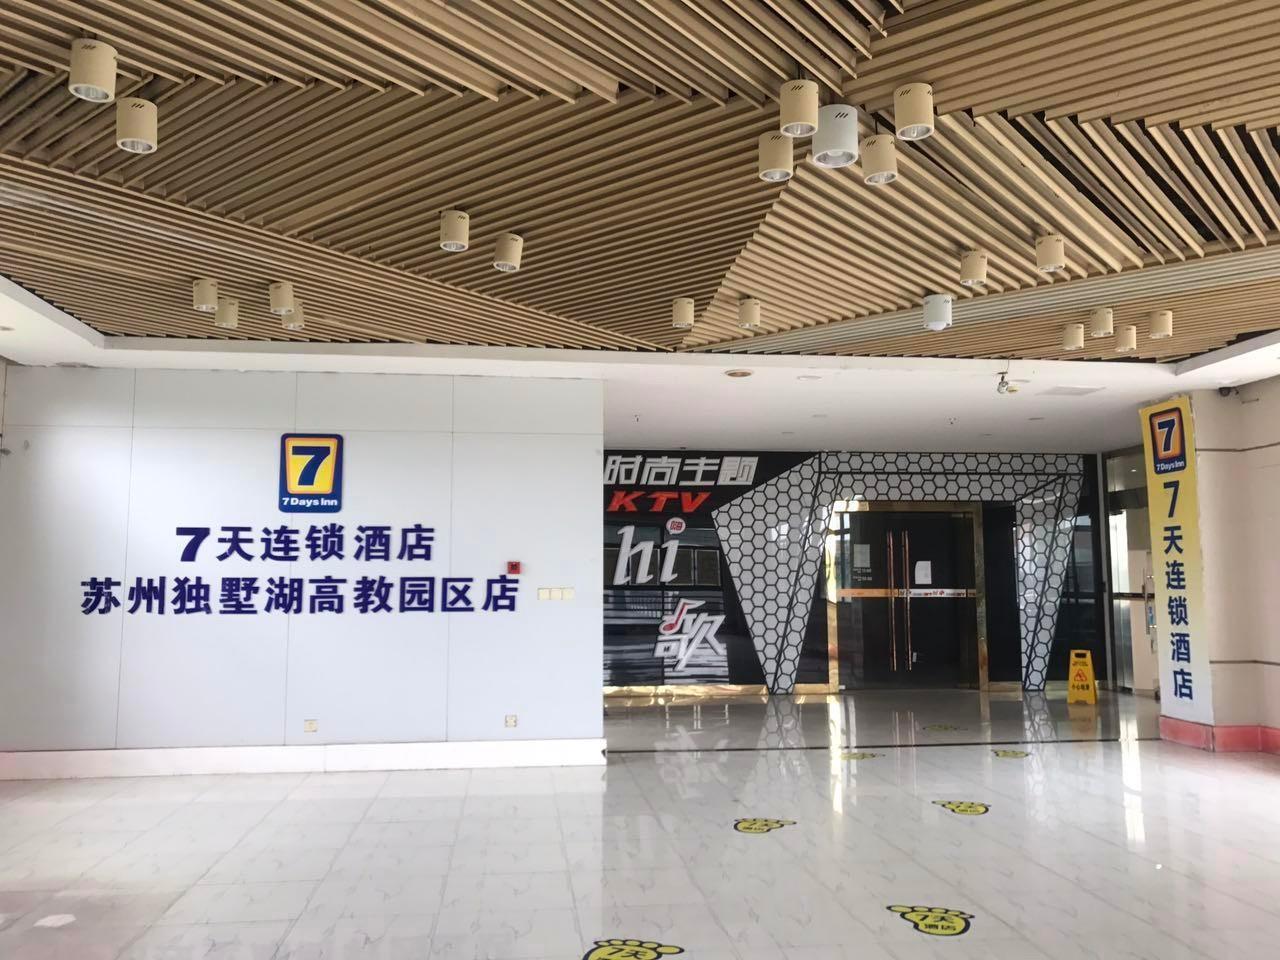 7 Days Inn Suzhou Dushu Lake Gaojiaoyuan